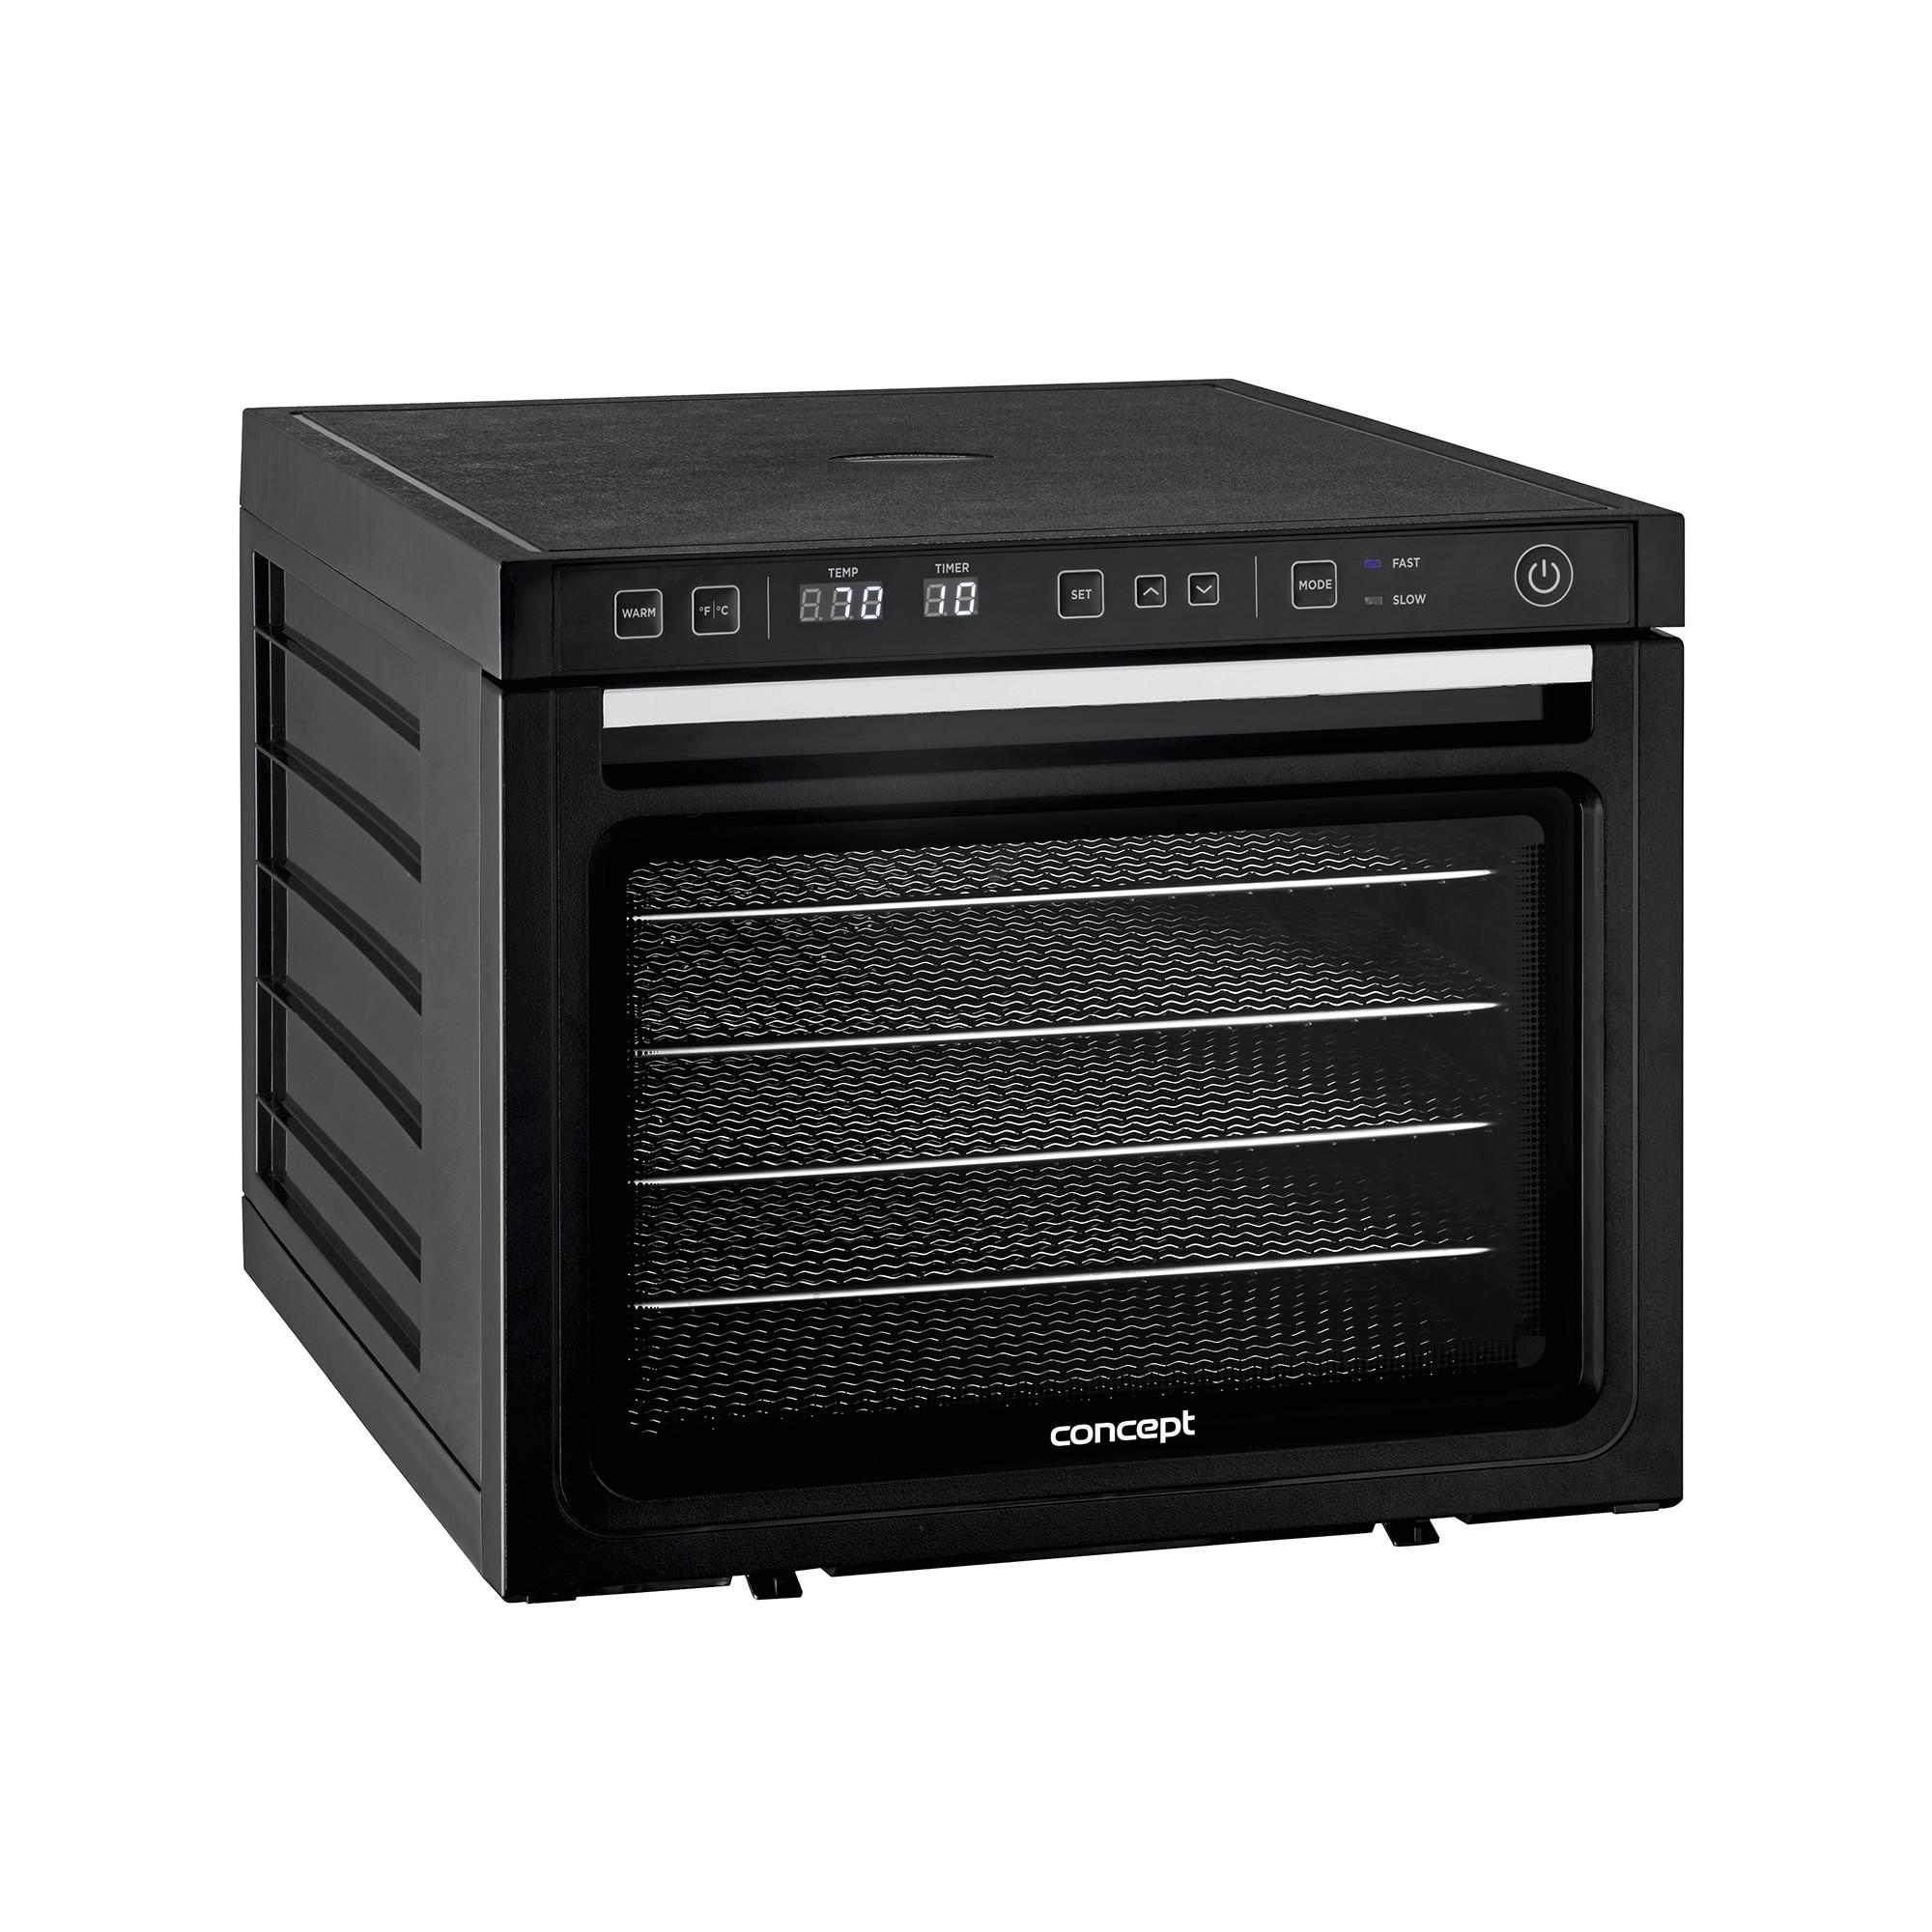 Fotografie Deshidrator de alimente Concept SO3000, 1000 W, 6 tavi de inox, tava 34 x 38 cm, display LED, 2 ventilatoare , 35-70 °C, timer 48h, Negru